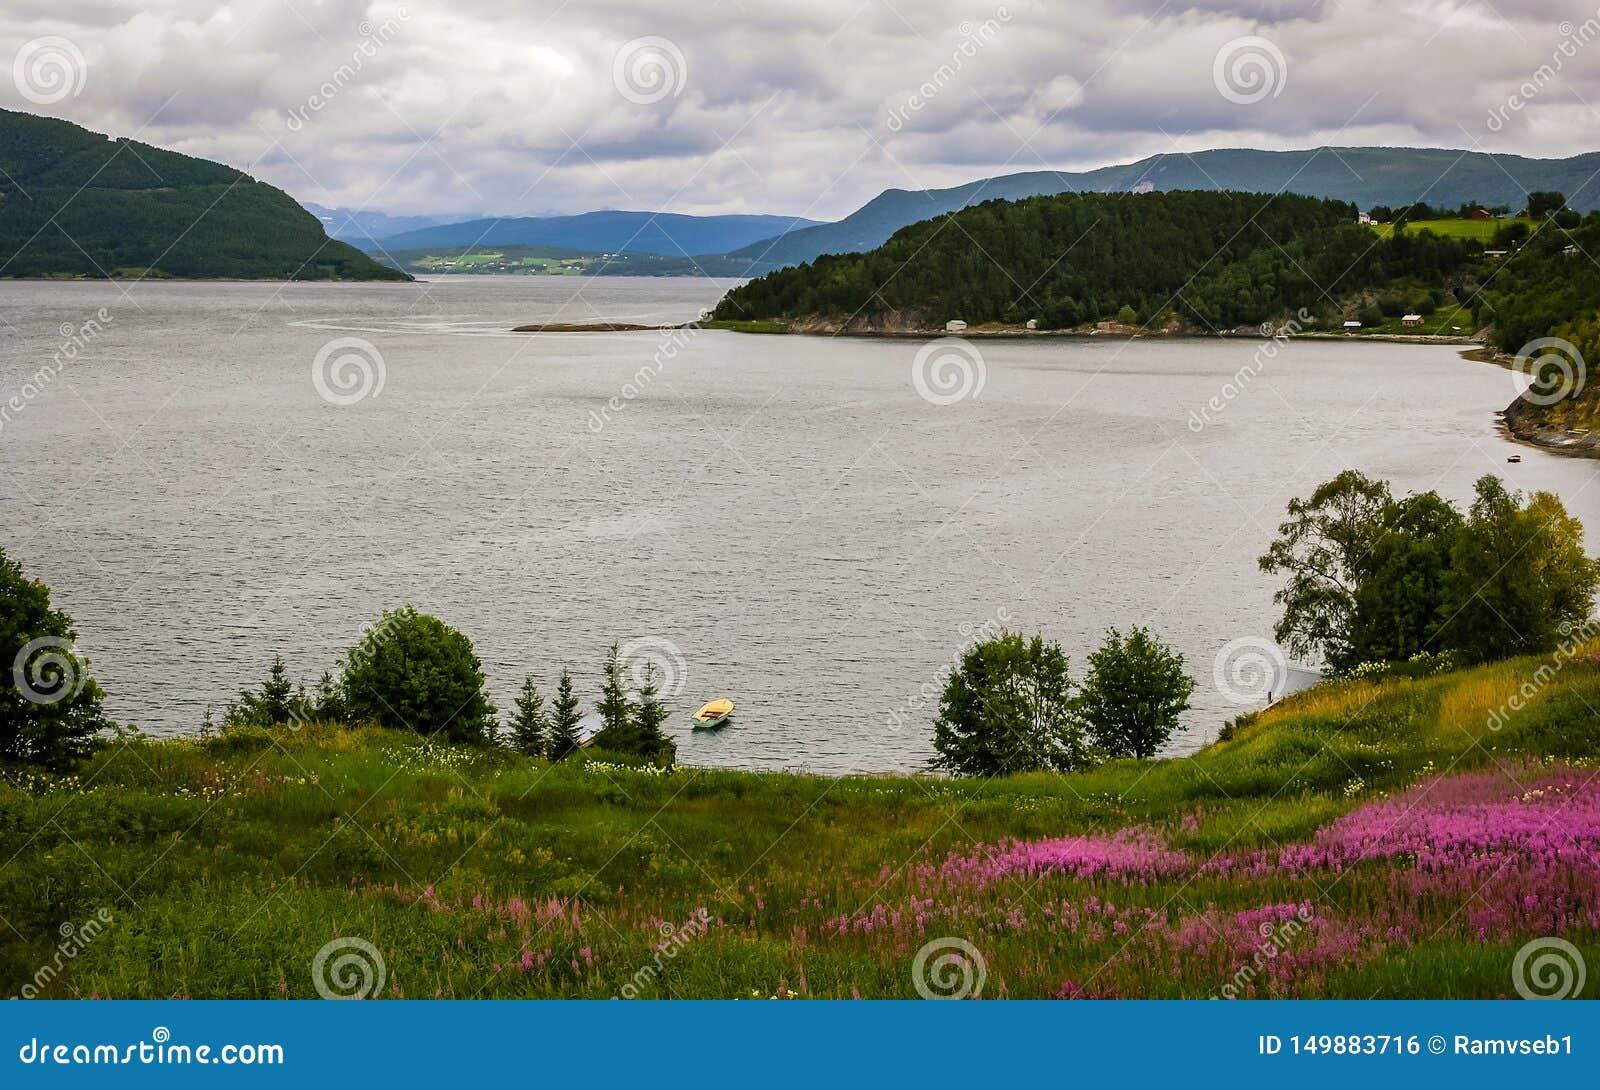 Sch?ne Fjordk?ste in Norwegen an einem Sommertag In den Vordergrundblumen